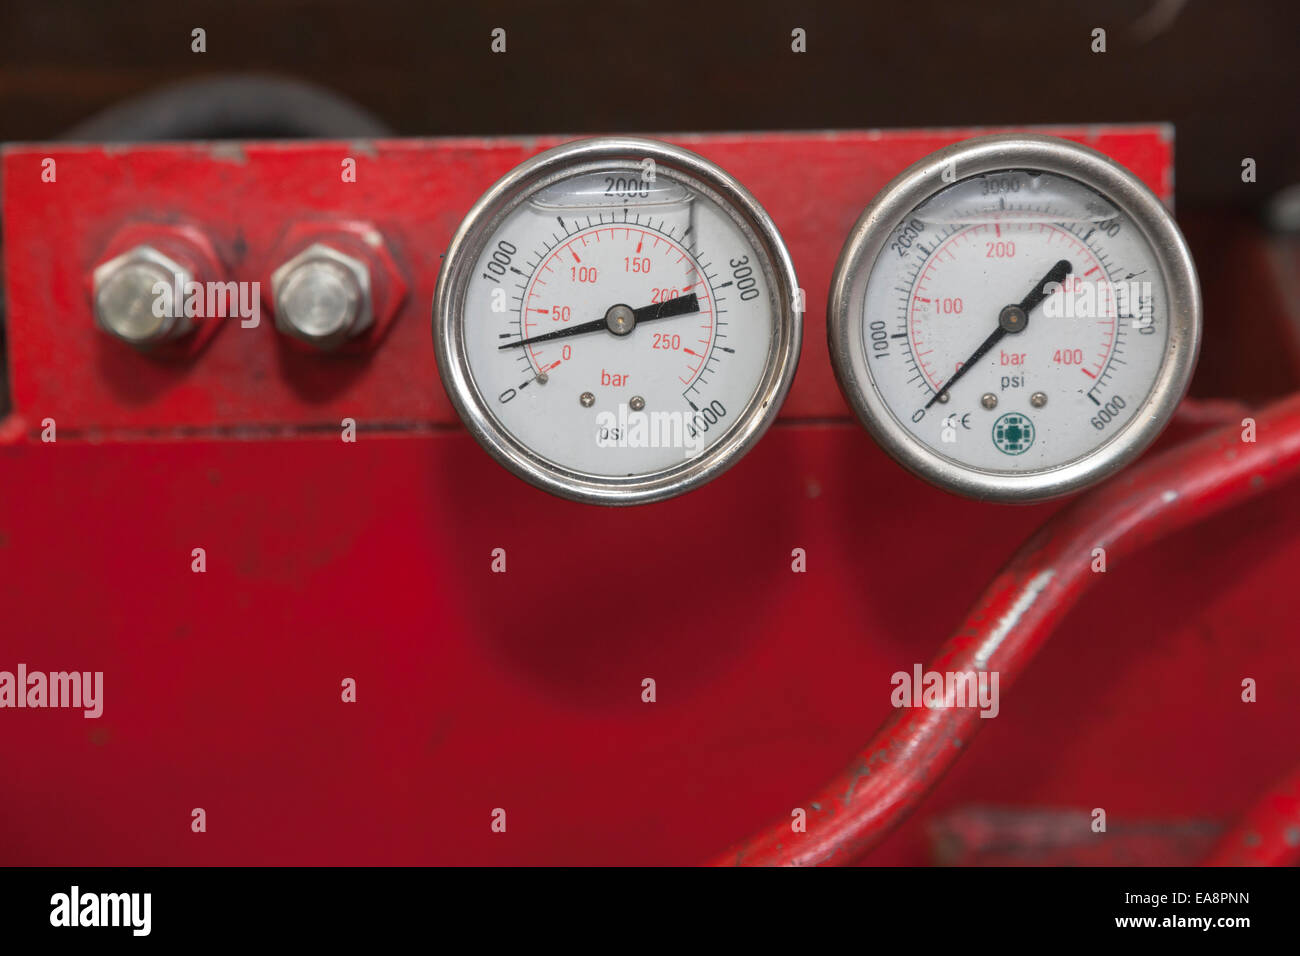 Engineering pressure gauges - Stock Image